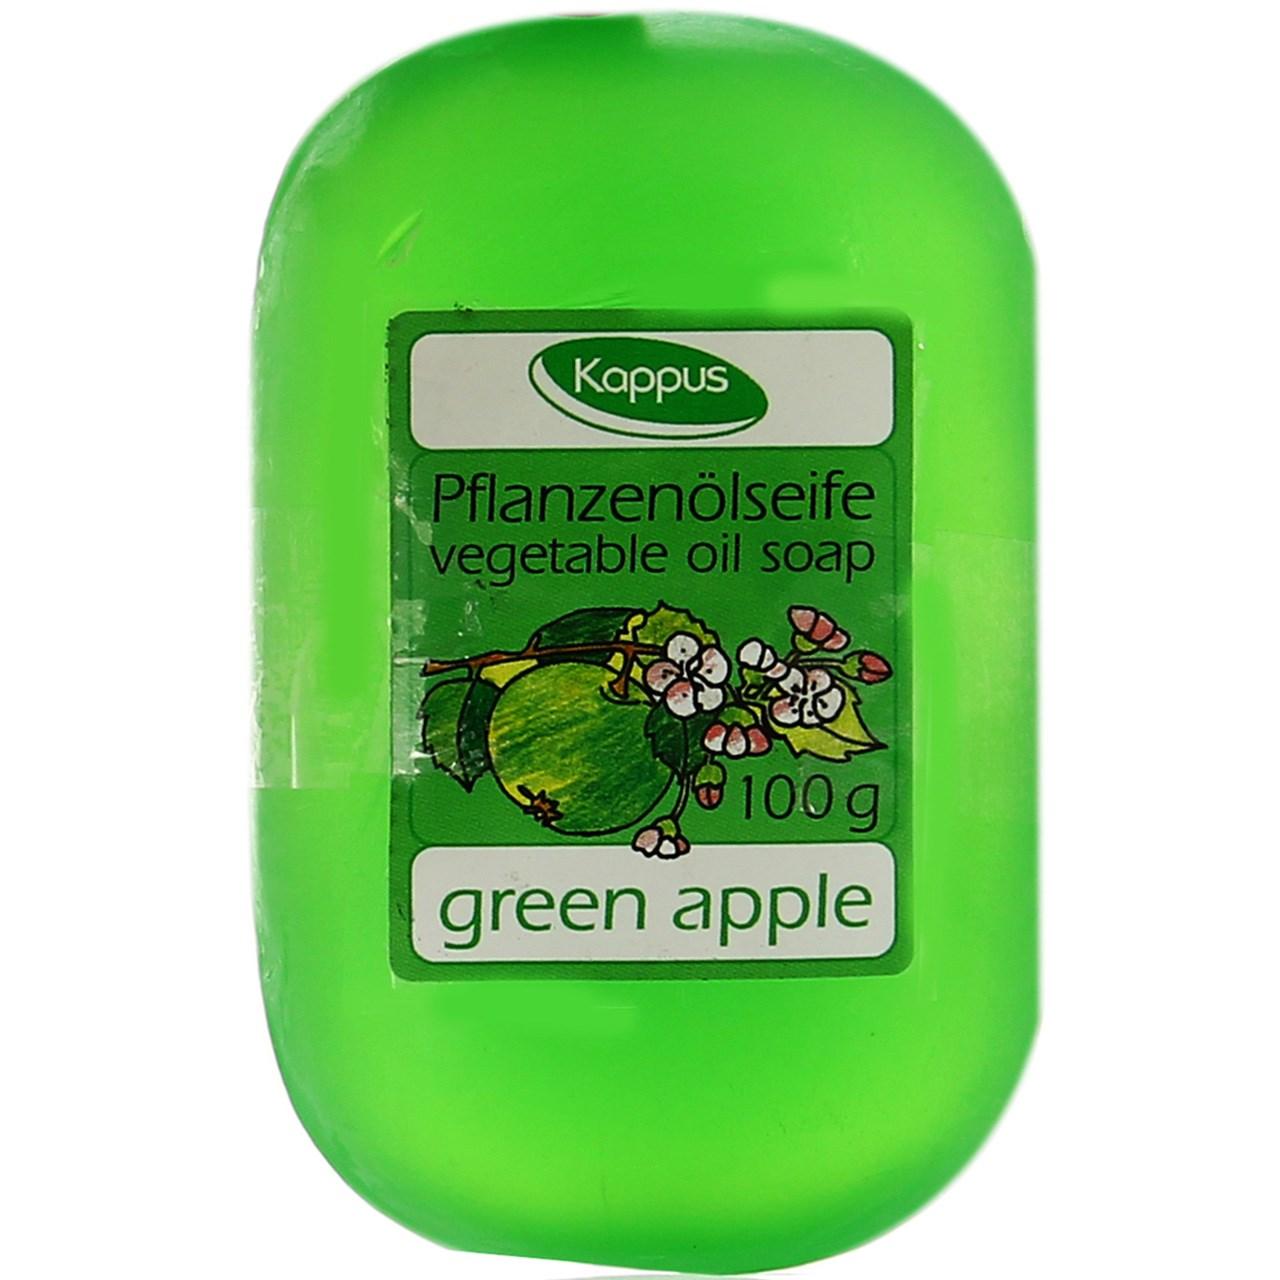 قیمت صابون گلیسرینه میوهای کاپوس مدل Green Apple مقدار 100 گرم